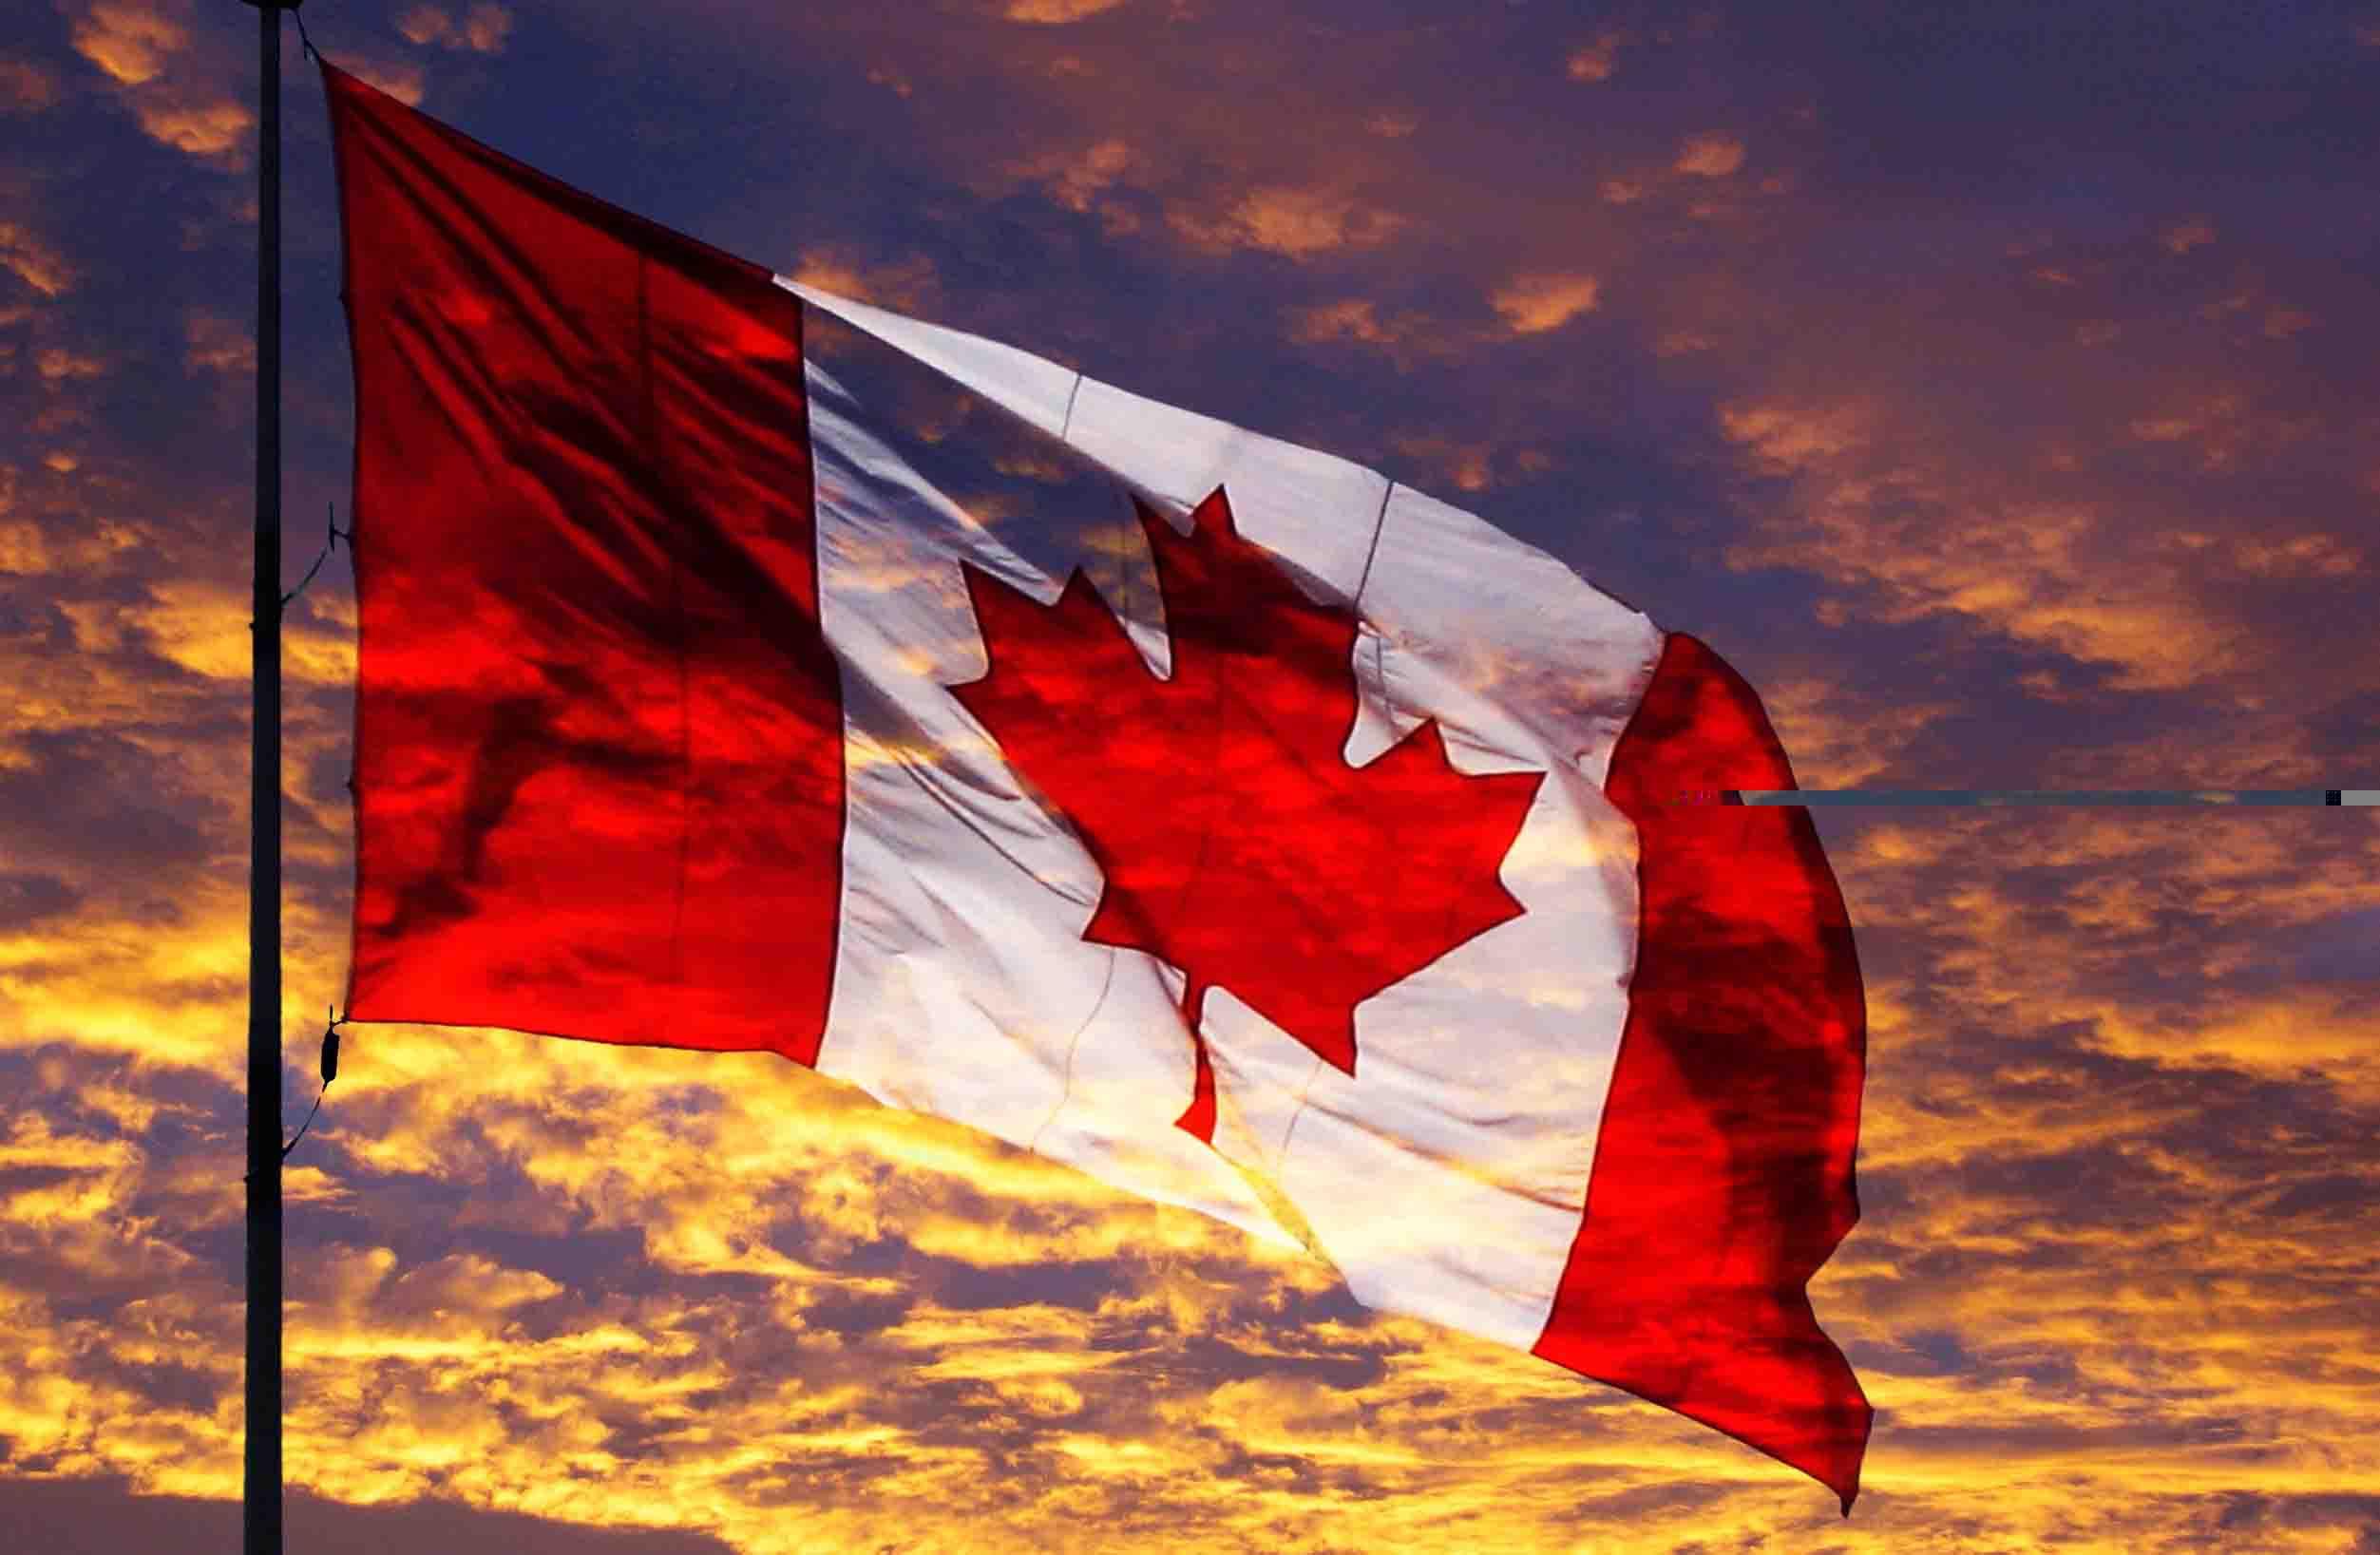 想要提高加拿大留学签证率 这些问题你注意了吗?